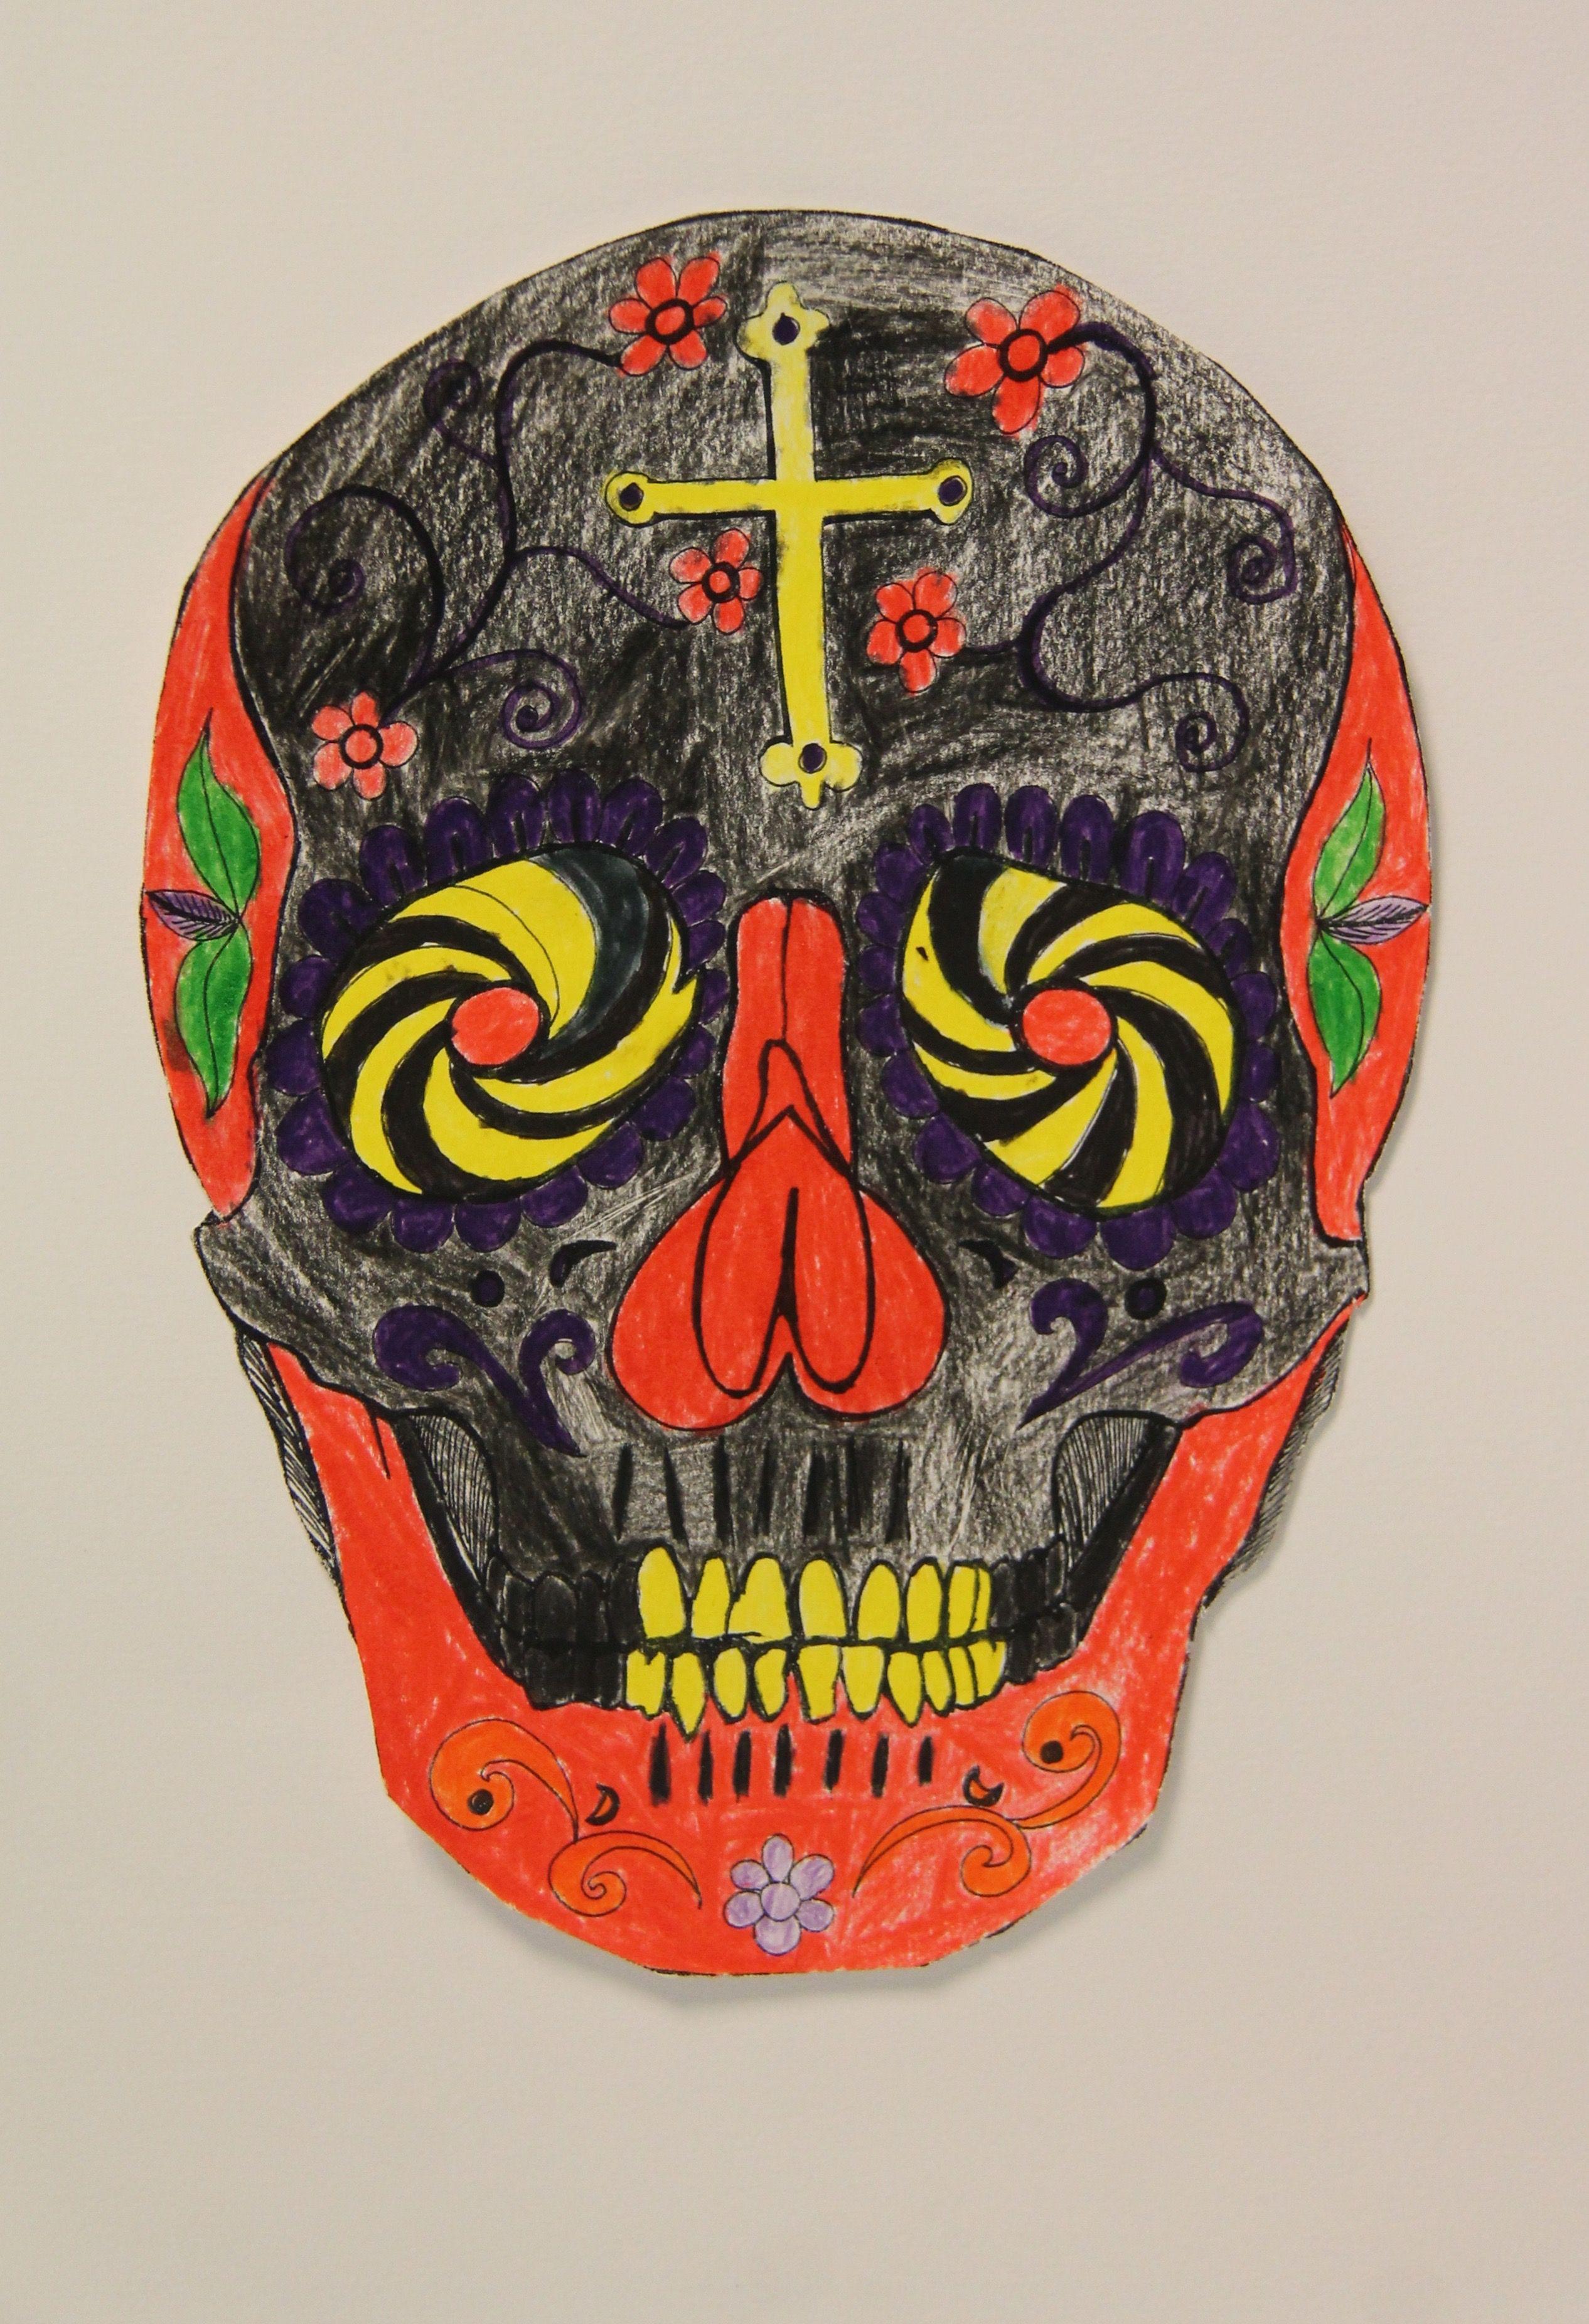 Skull by Louis